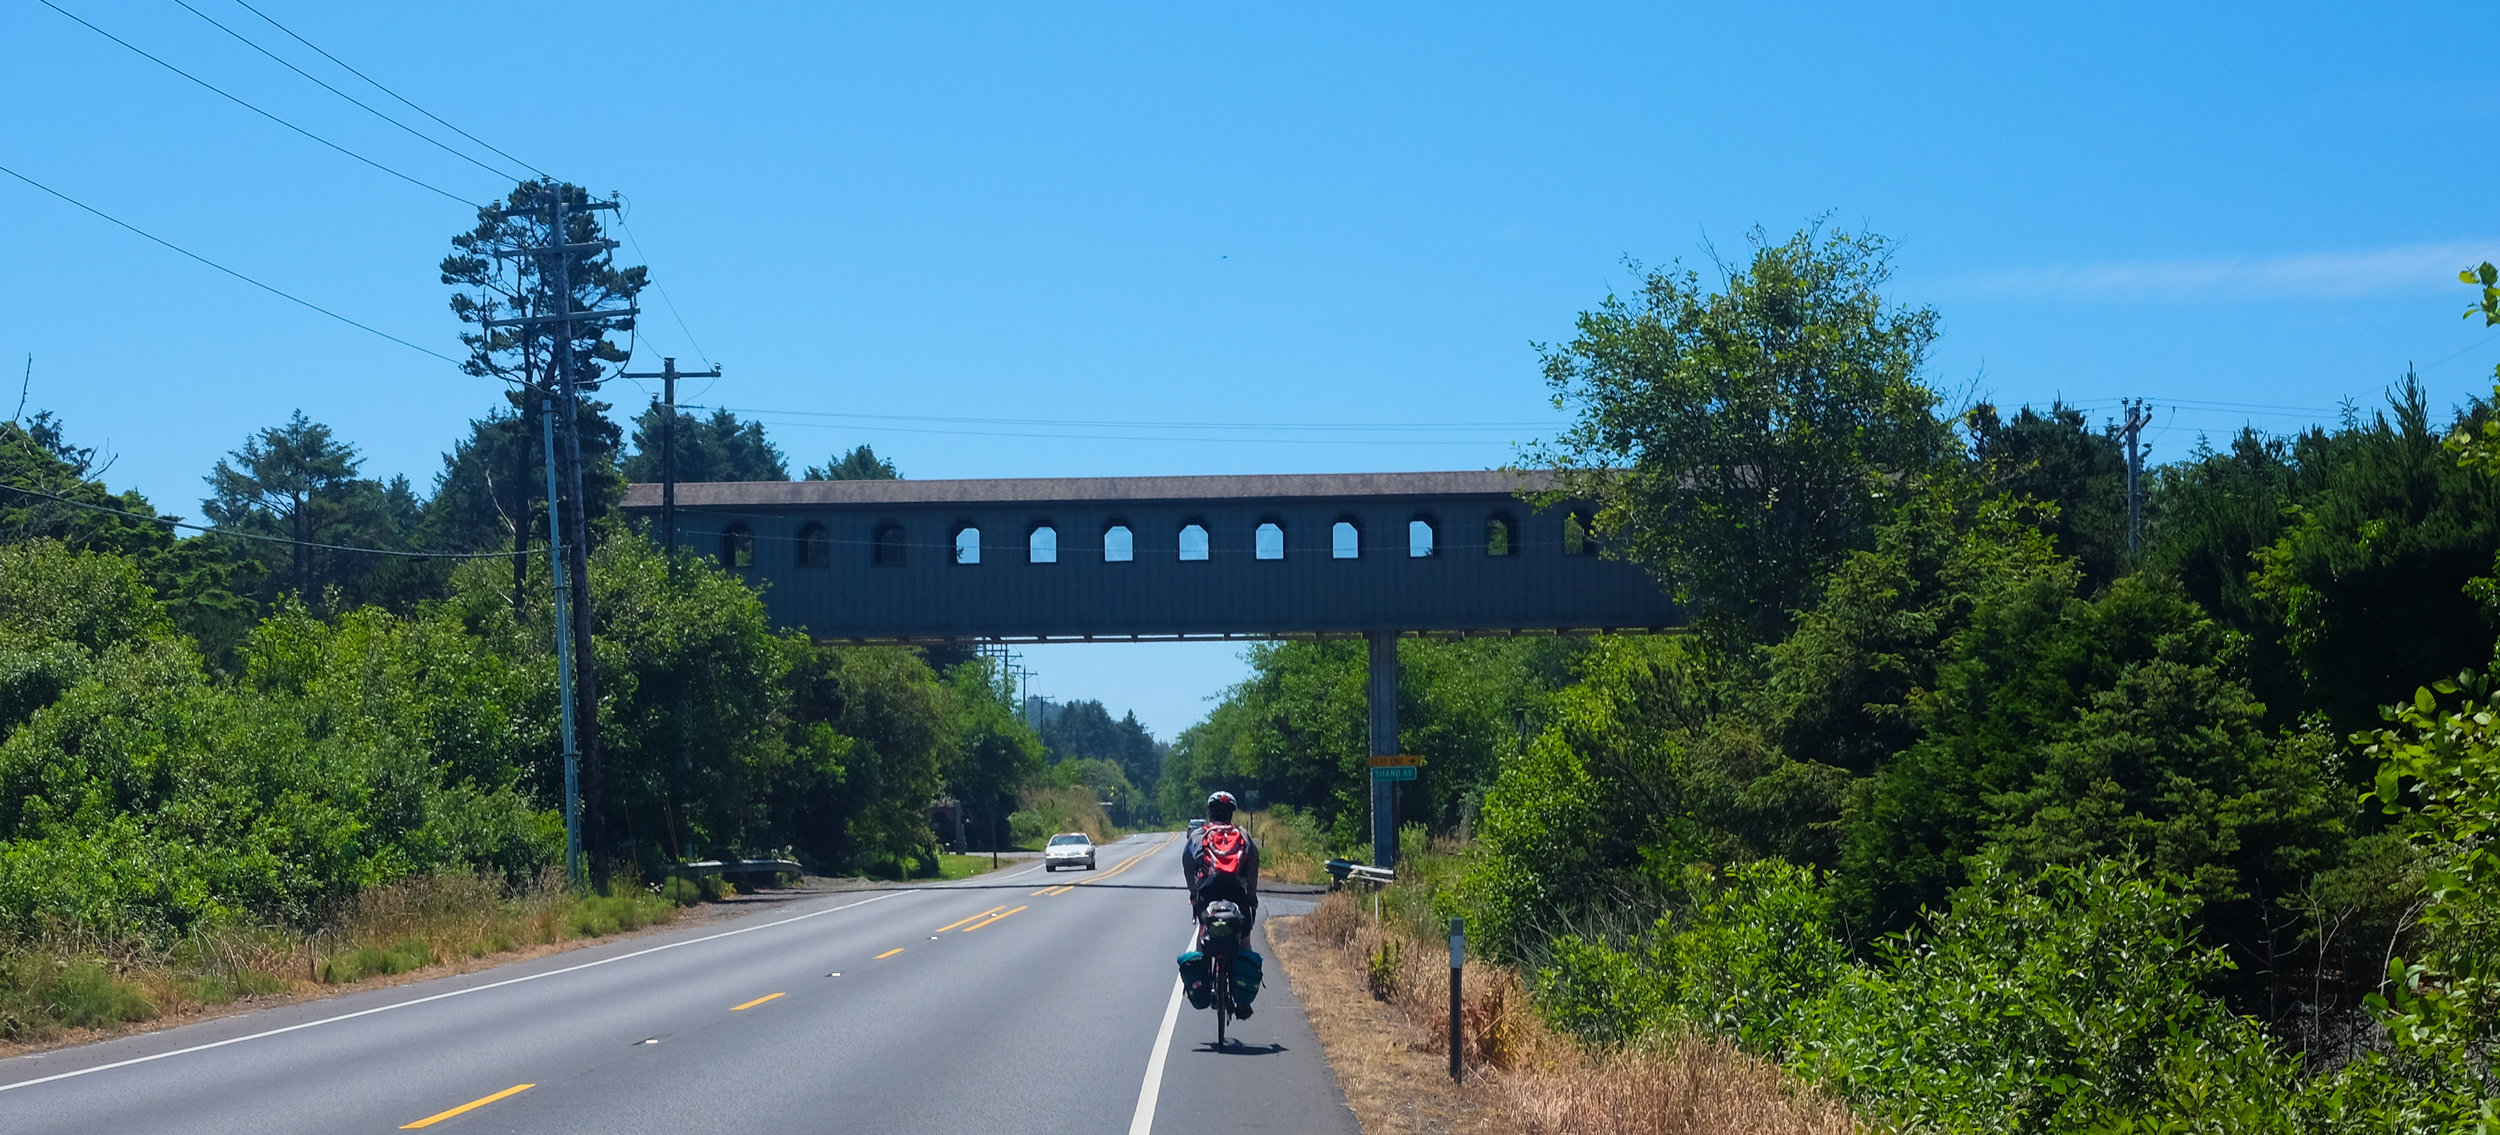 Ben Under the Bridge-.jpg